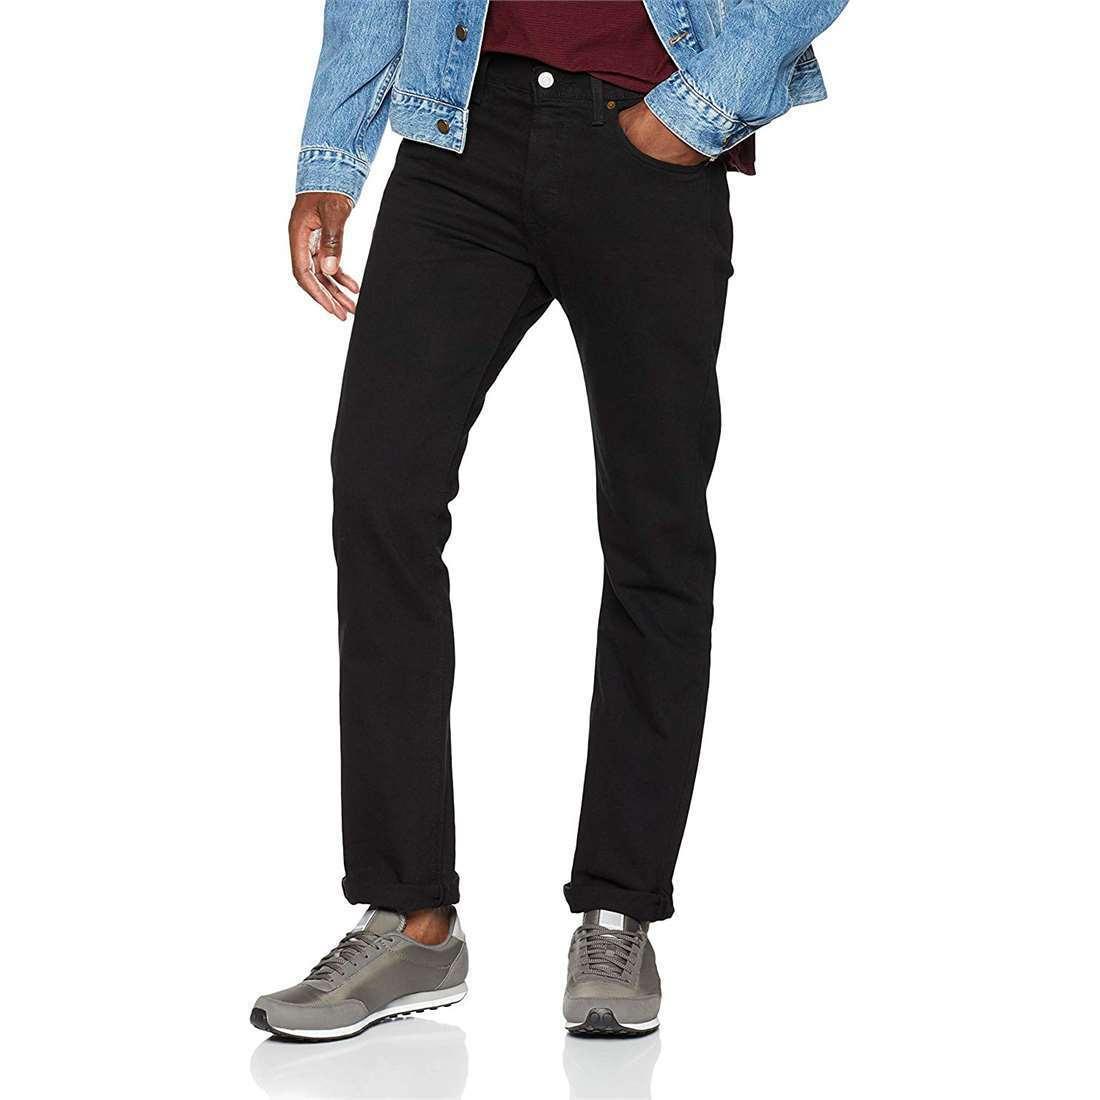 822e47cd897 Levi's Mens 501 Original Fit Jeans - Polished Black 38x30 30 Regular for  sale online | eBay